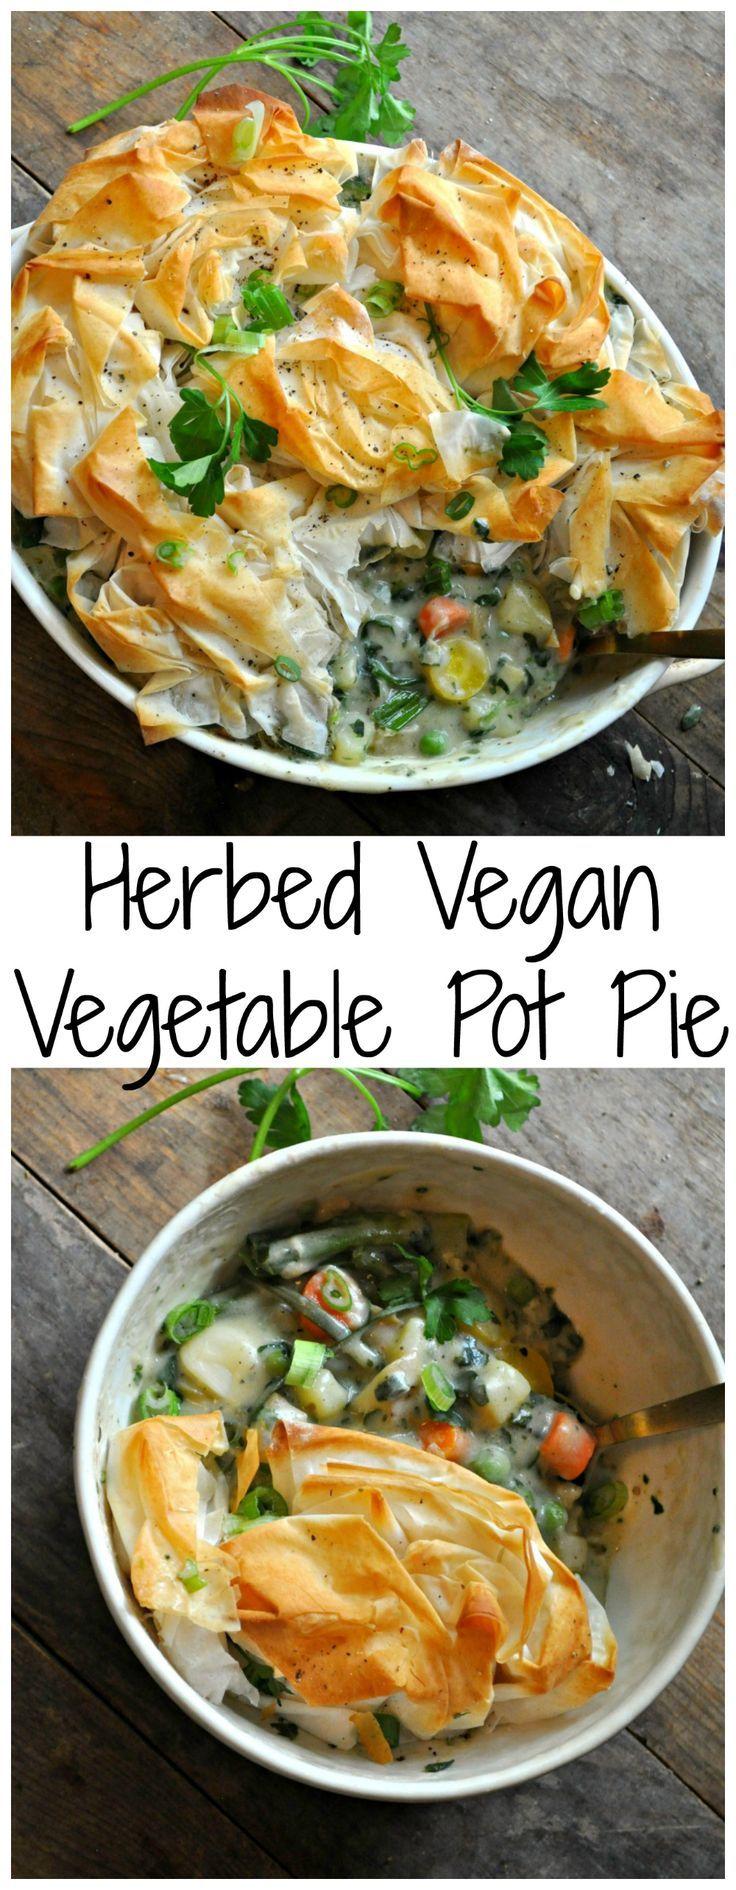 Herbed Vegan Vegetable Pot Pie